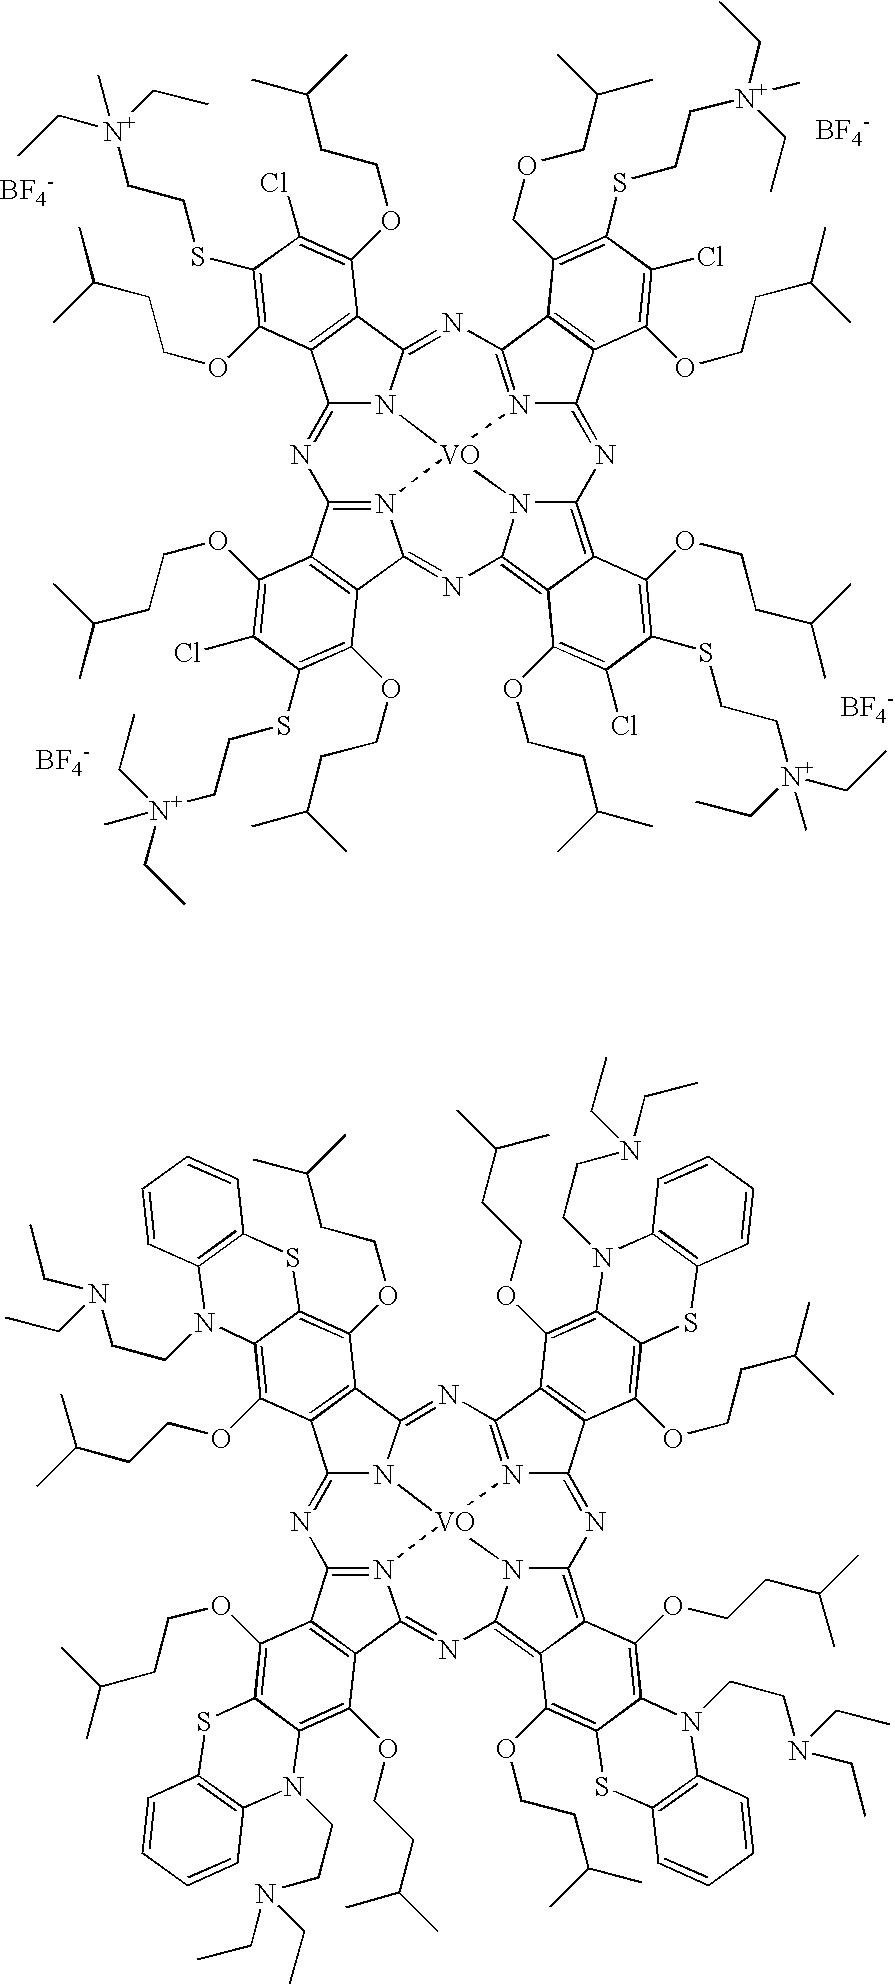 Figure US20090220753A1-20090903-C00009